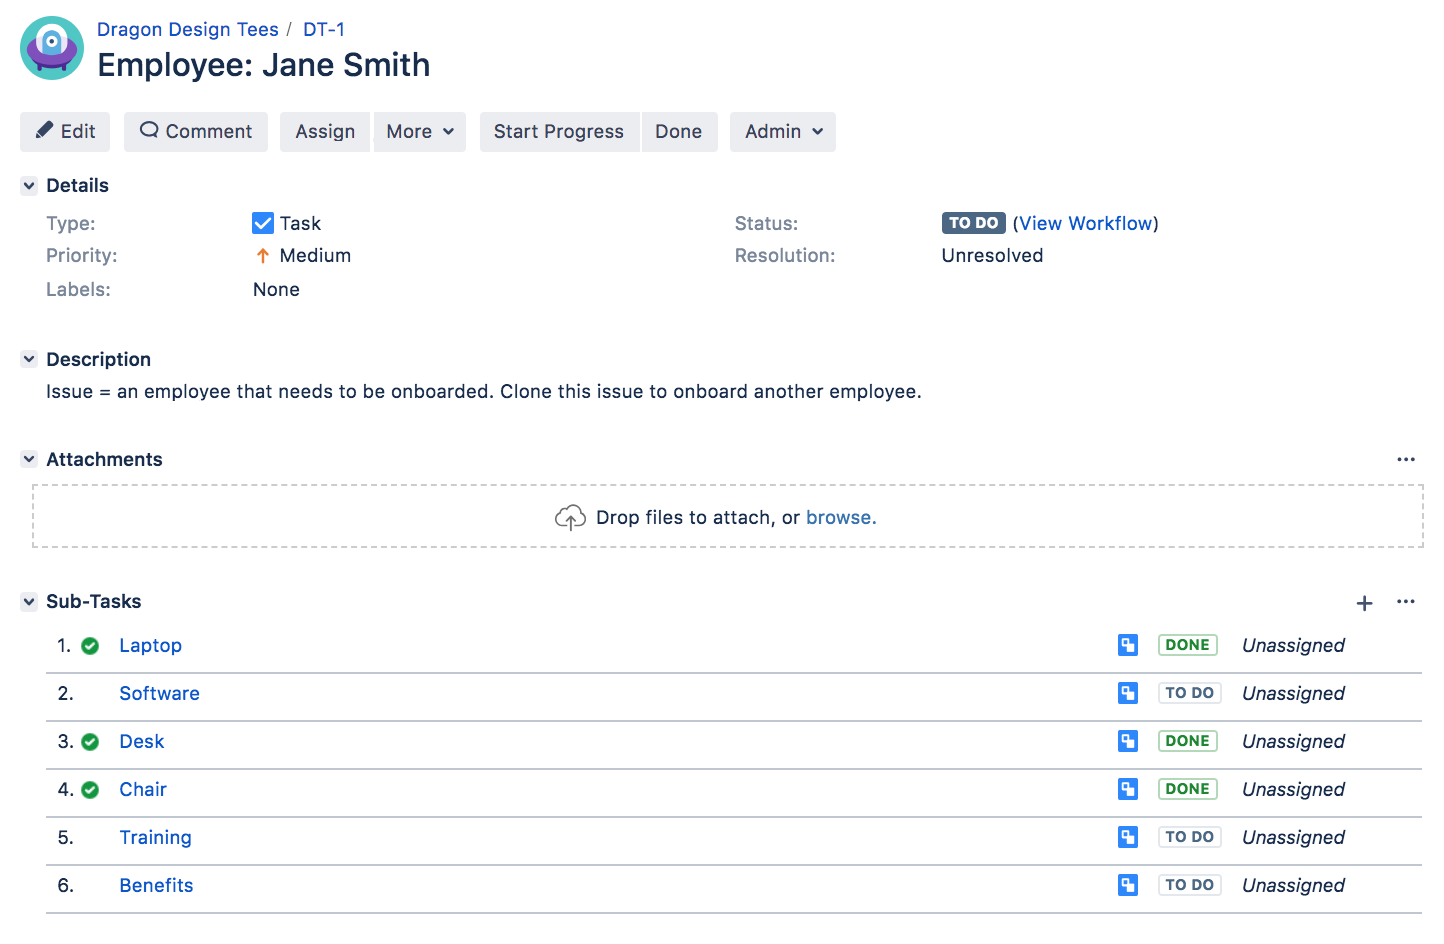 従業員 Jane Smith のタスク。追加のサブタスクが含まれています。